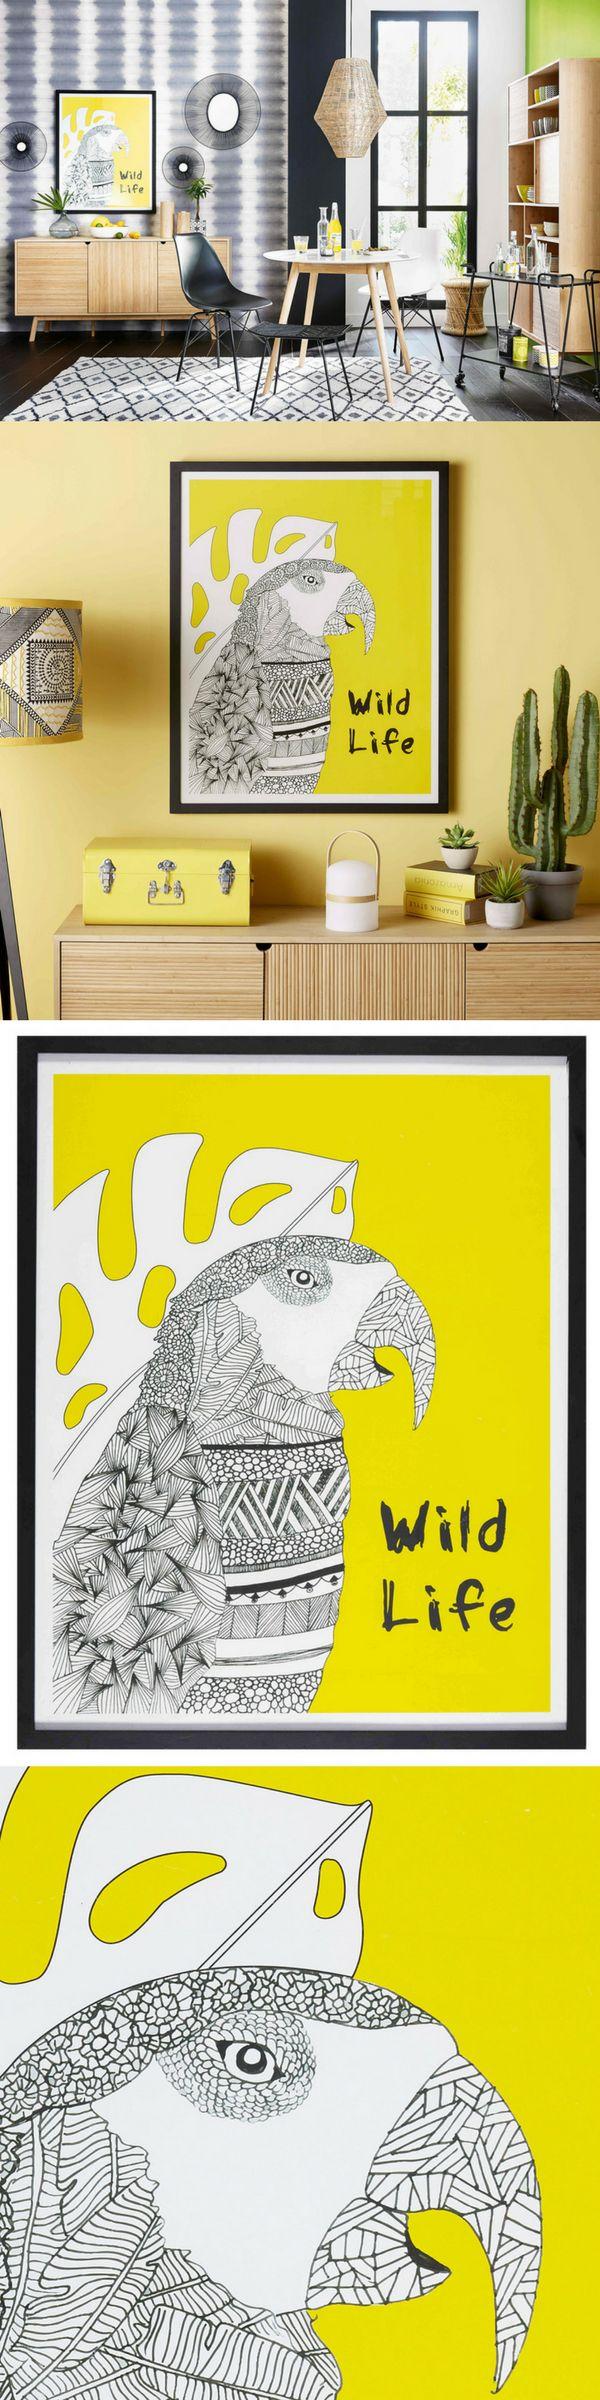 Les 17 meilleures images concernant bons plans d co sur pinterest - Vente privee decoration maison ...